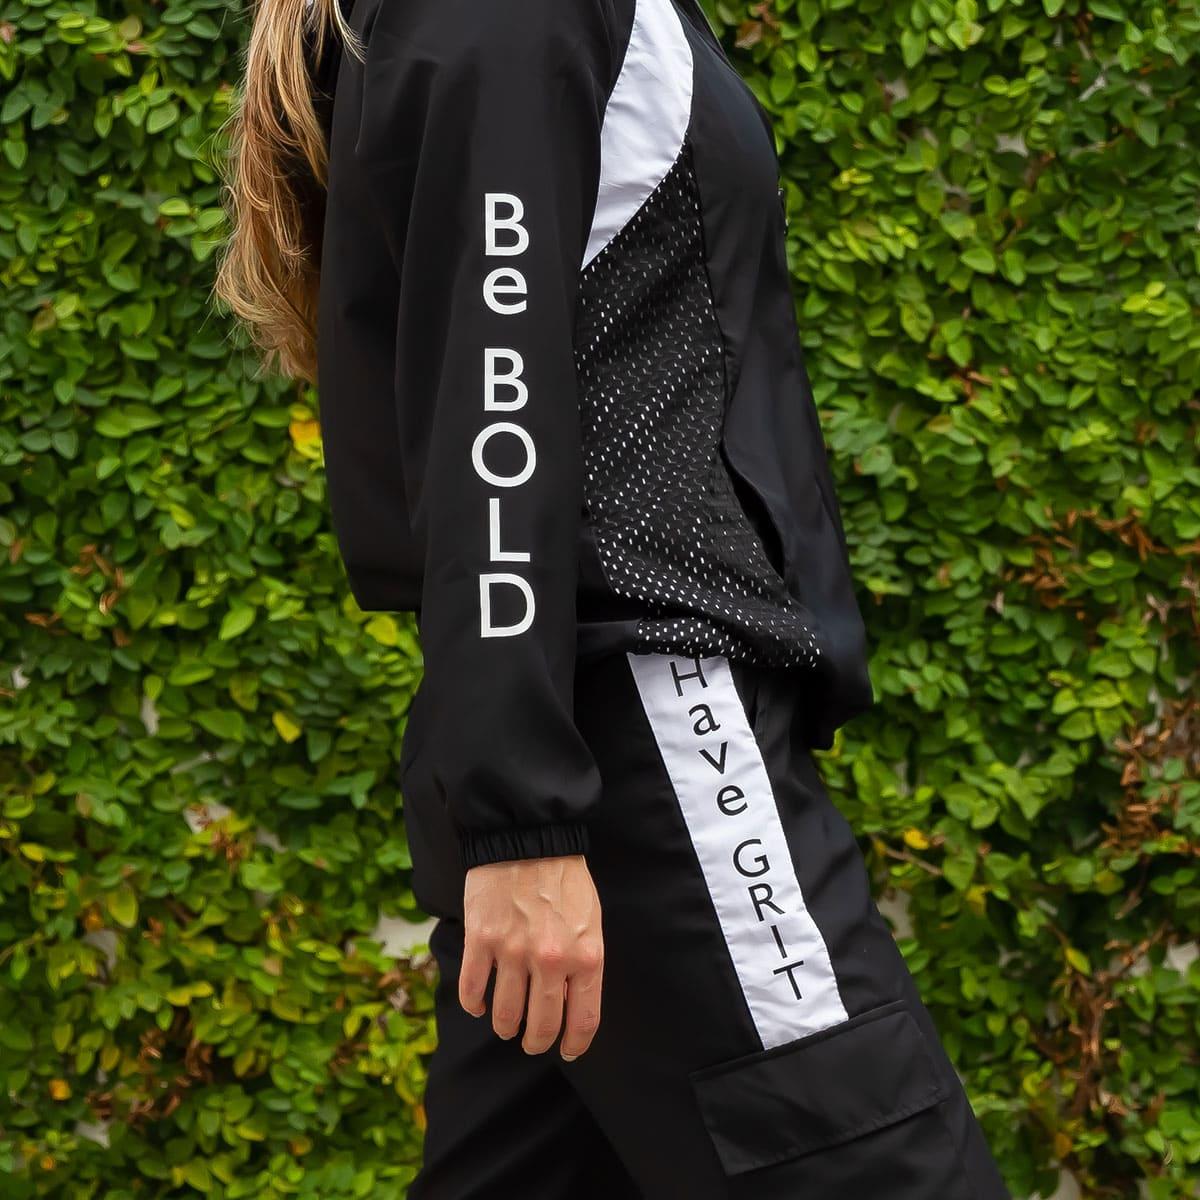 uniformes de calentamiento para mujer